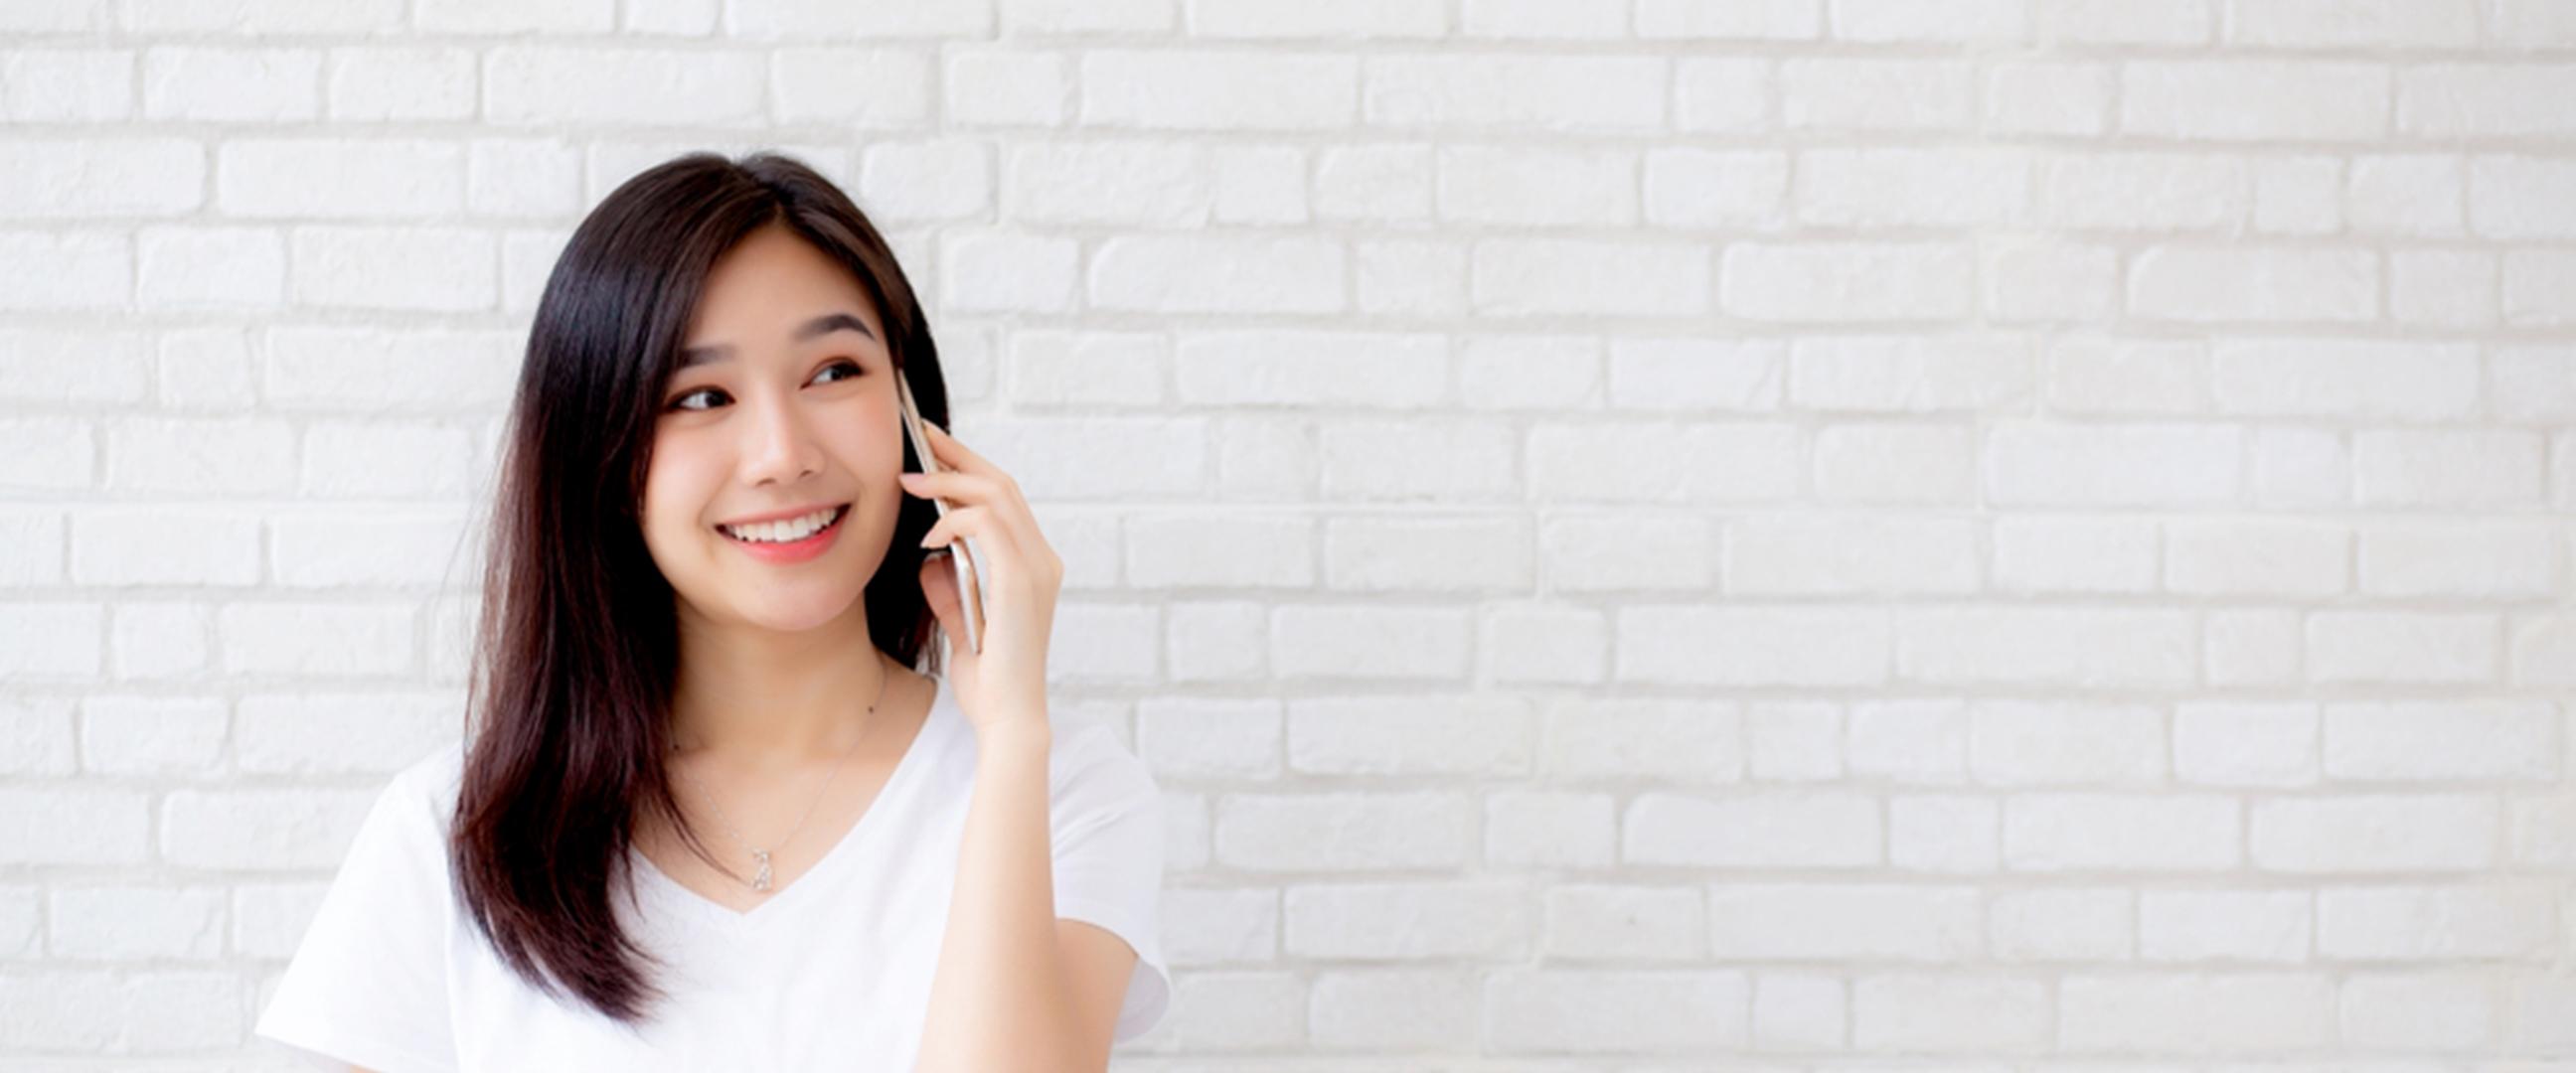 5 Cara meningkatkan kualitas audio di smartphone, suara lebih bersih